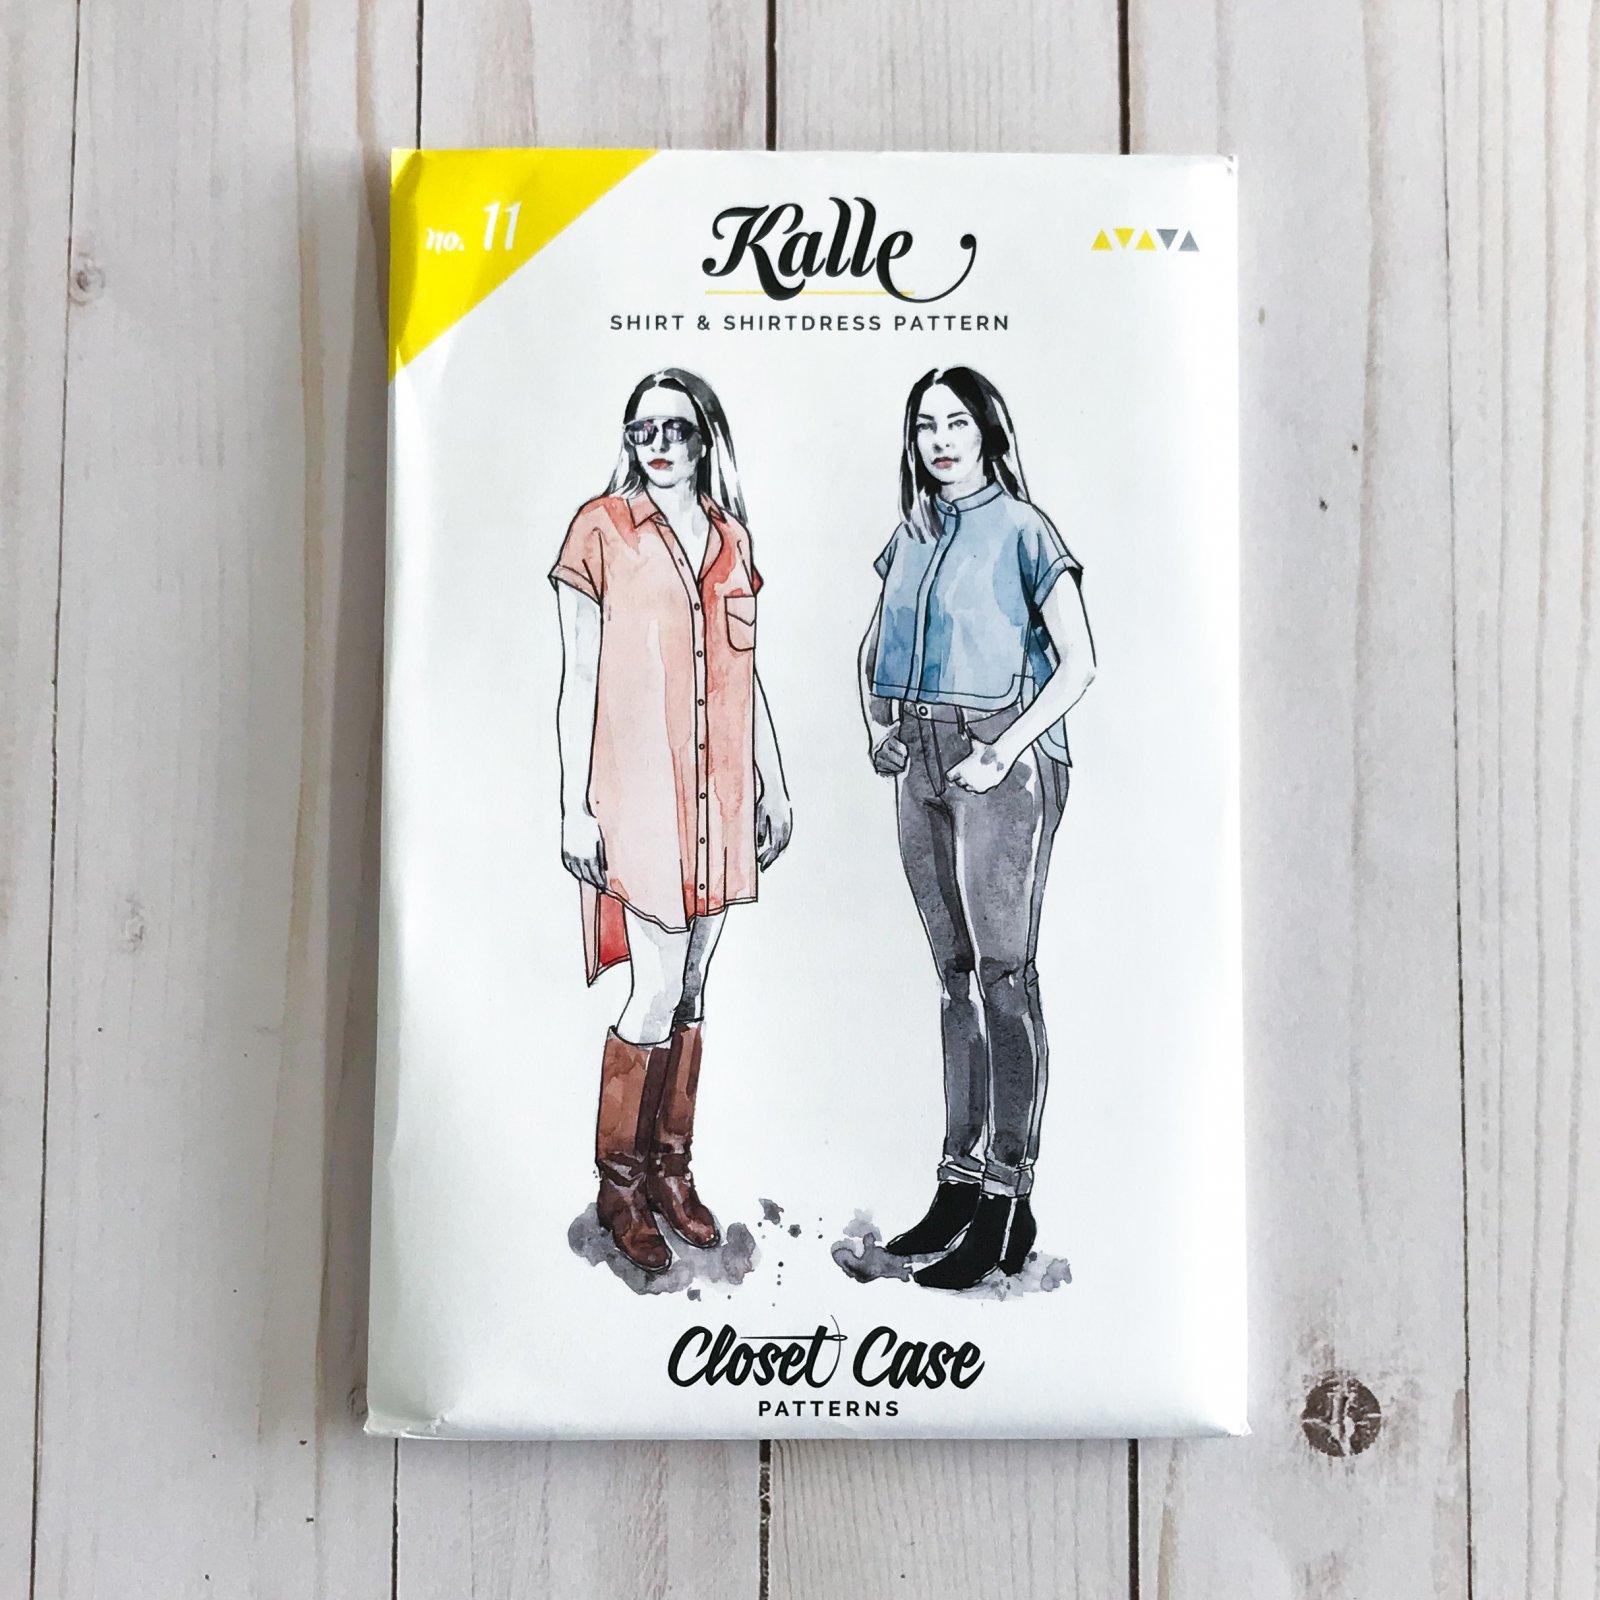 Closet Case Patterns - Kalle Shirt & Shirtdress